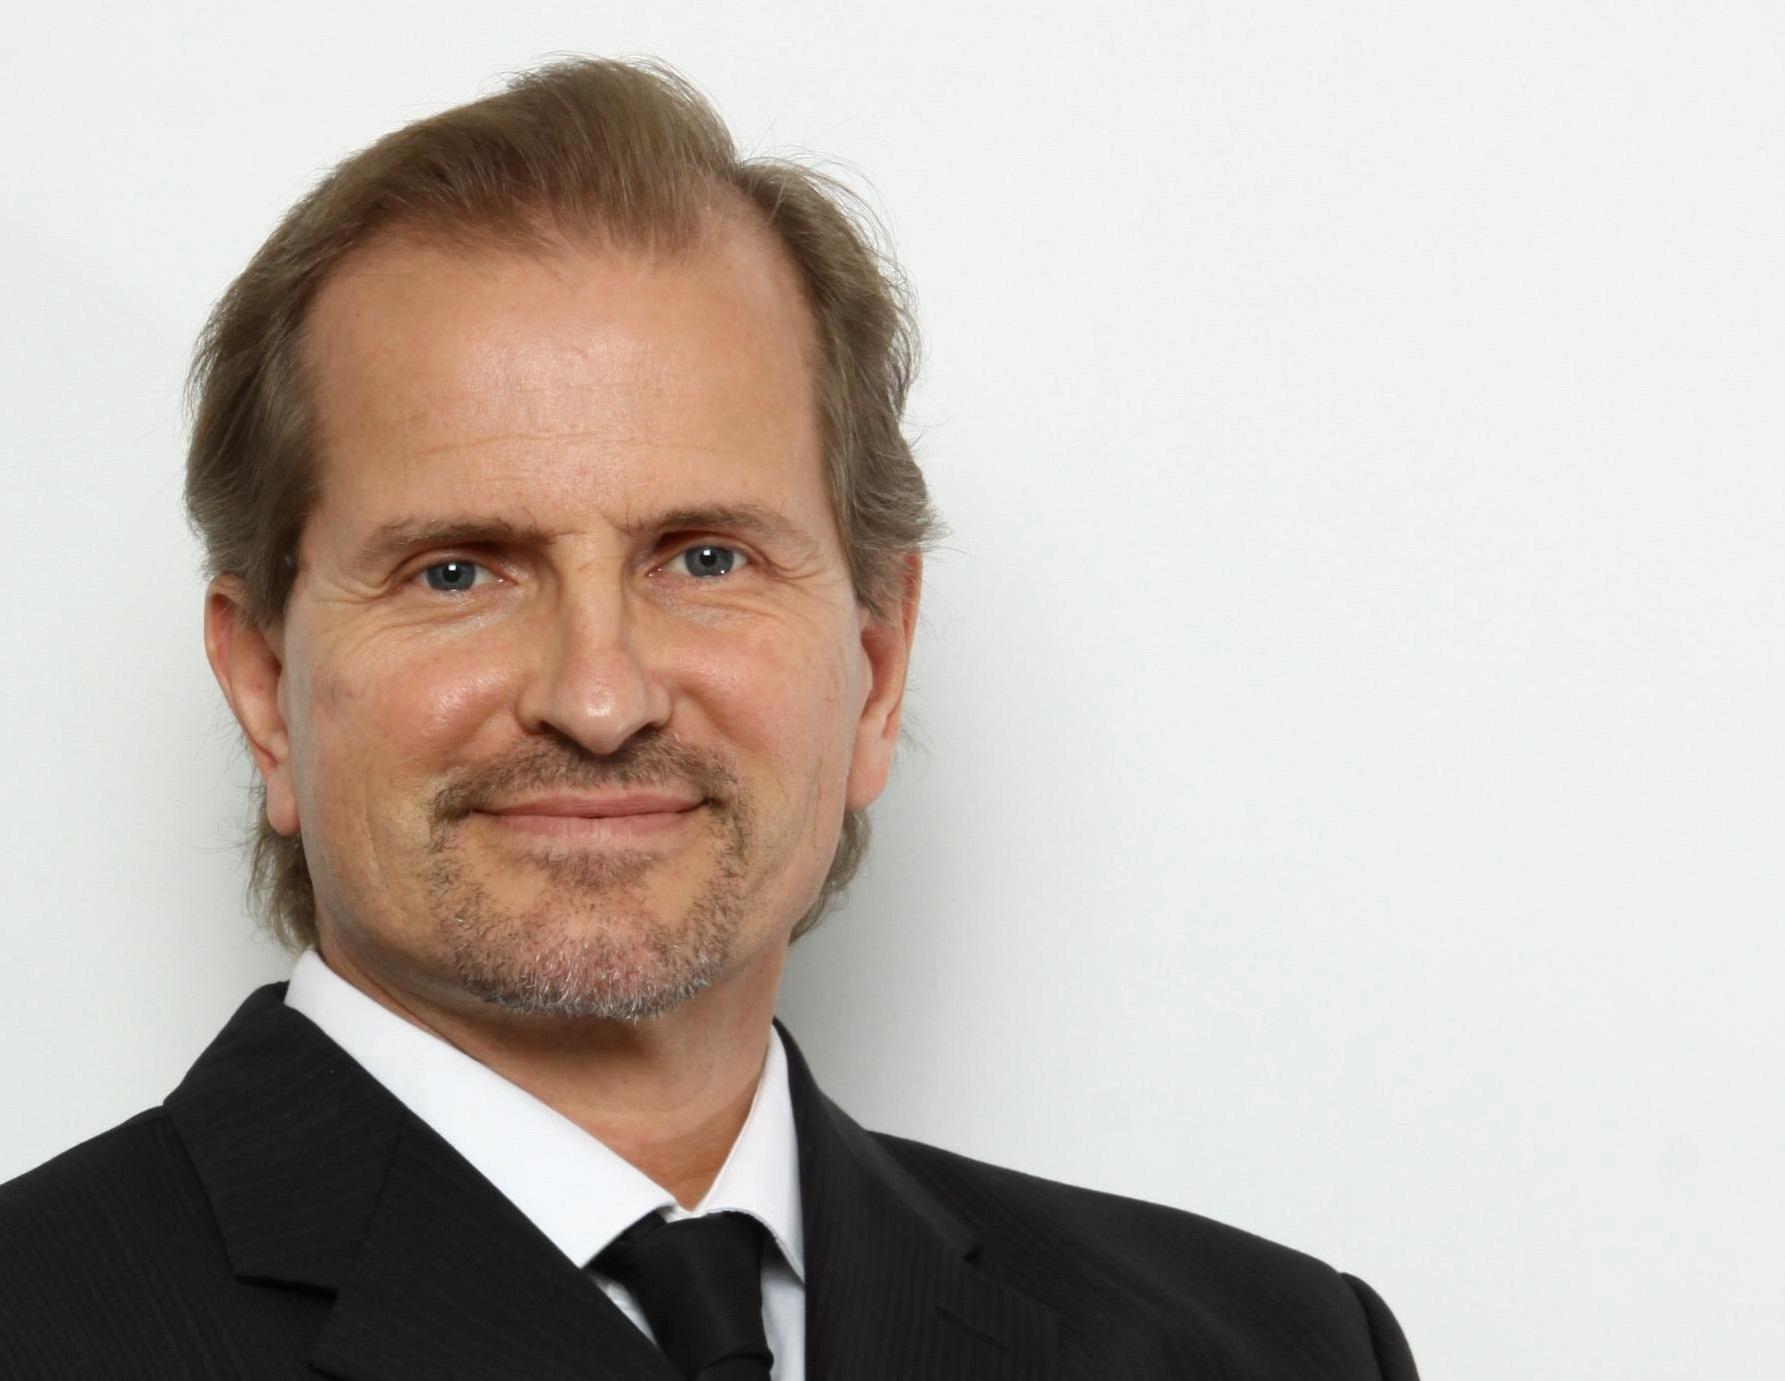 Brian Albrecht